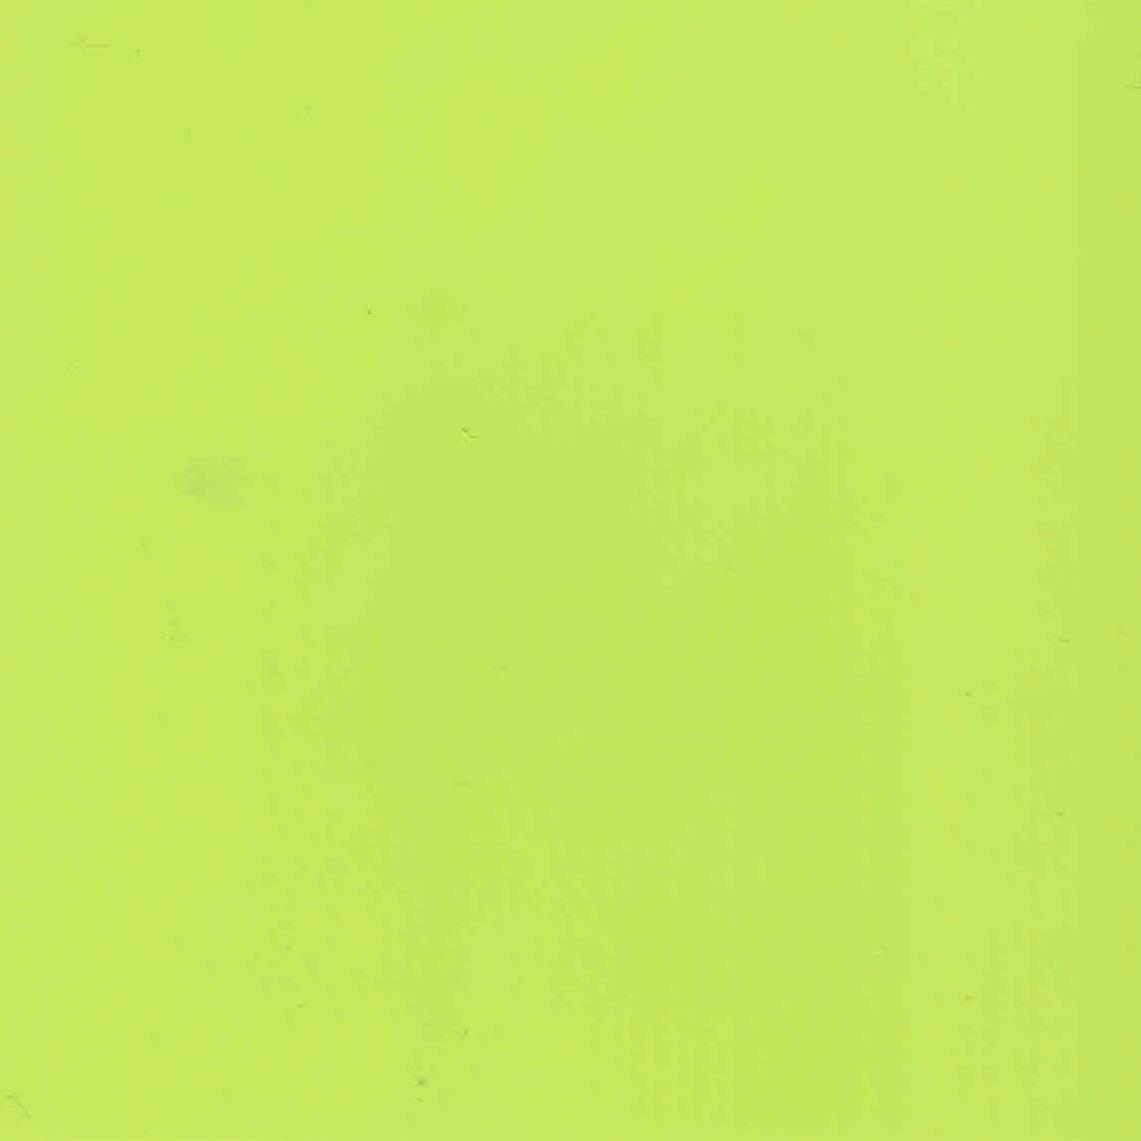 Глянцевые натяжные потолки  Китай  салатовые L 624